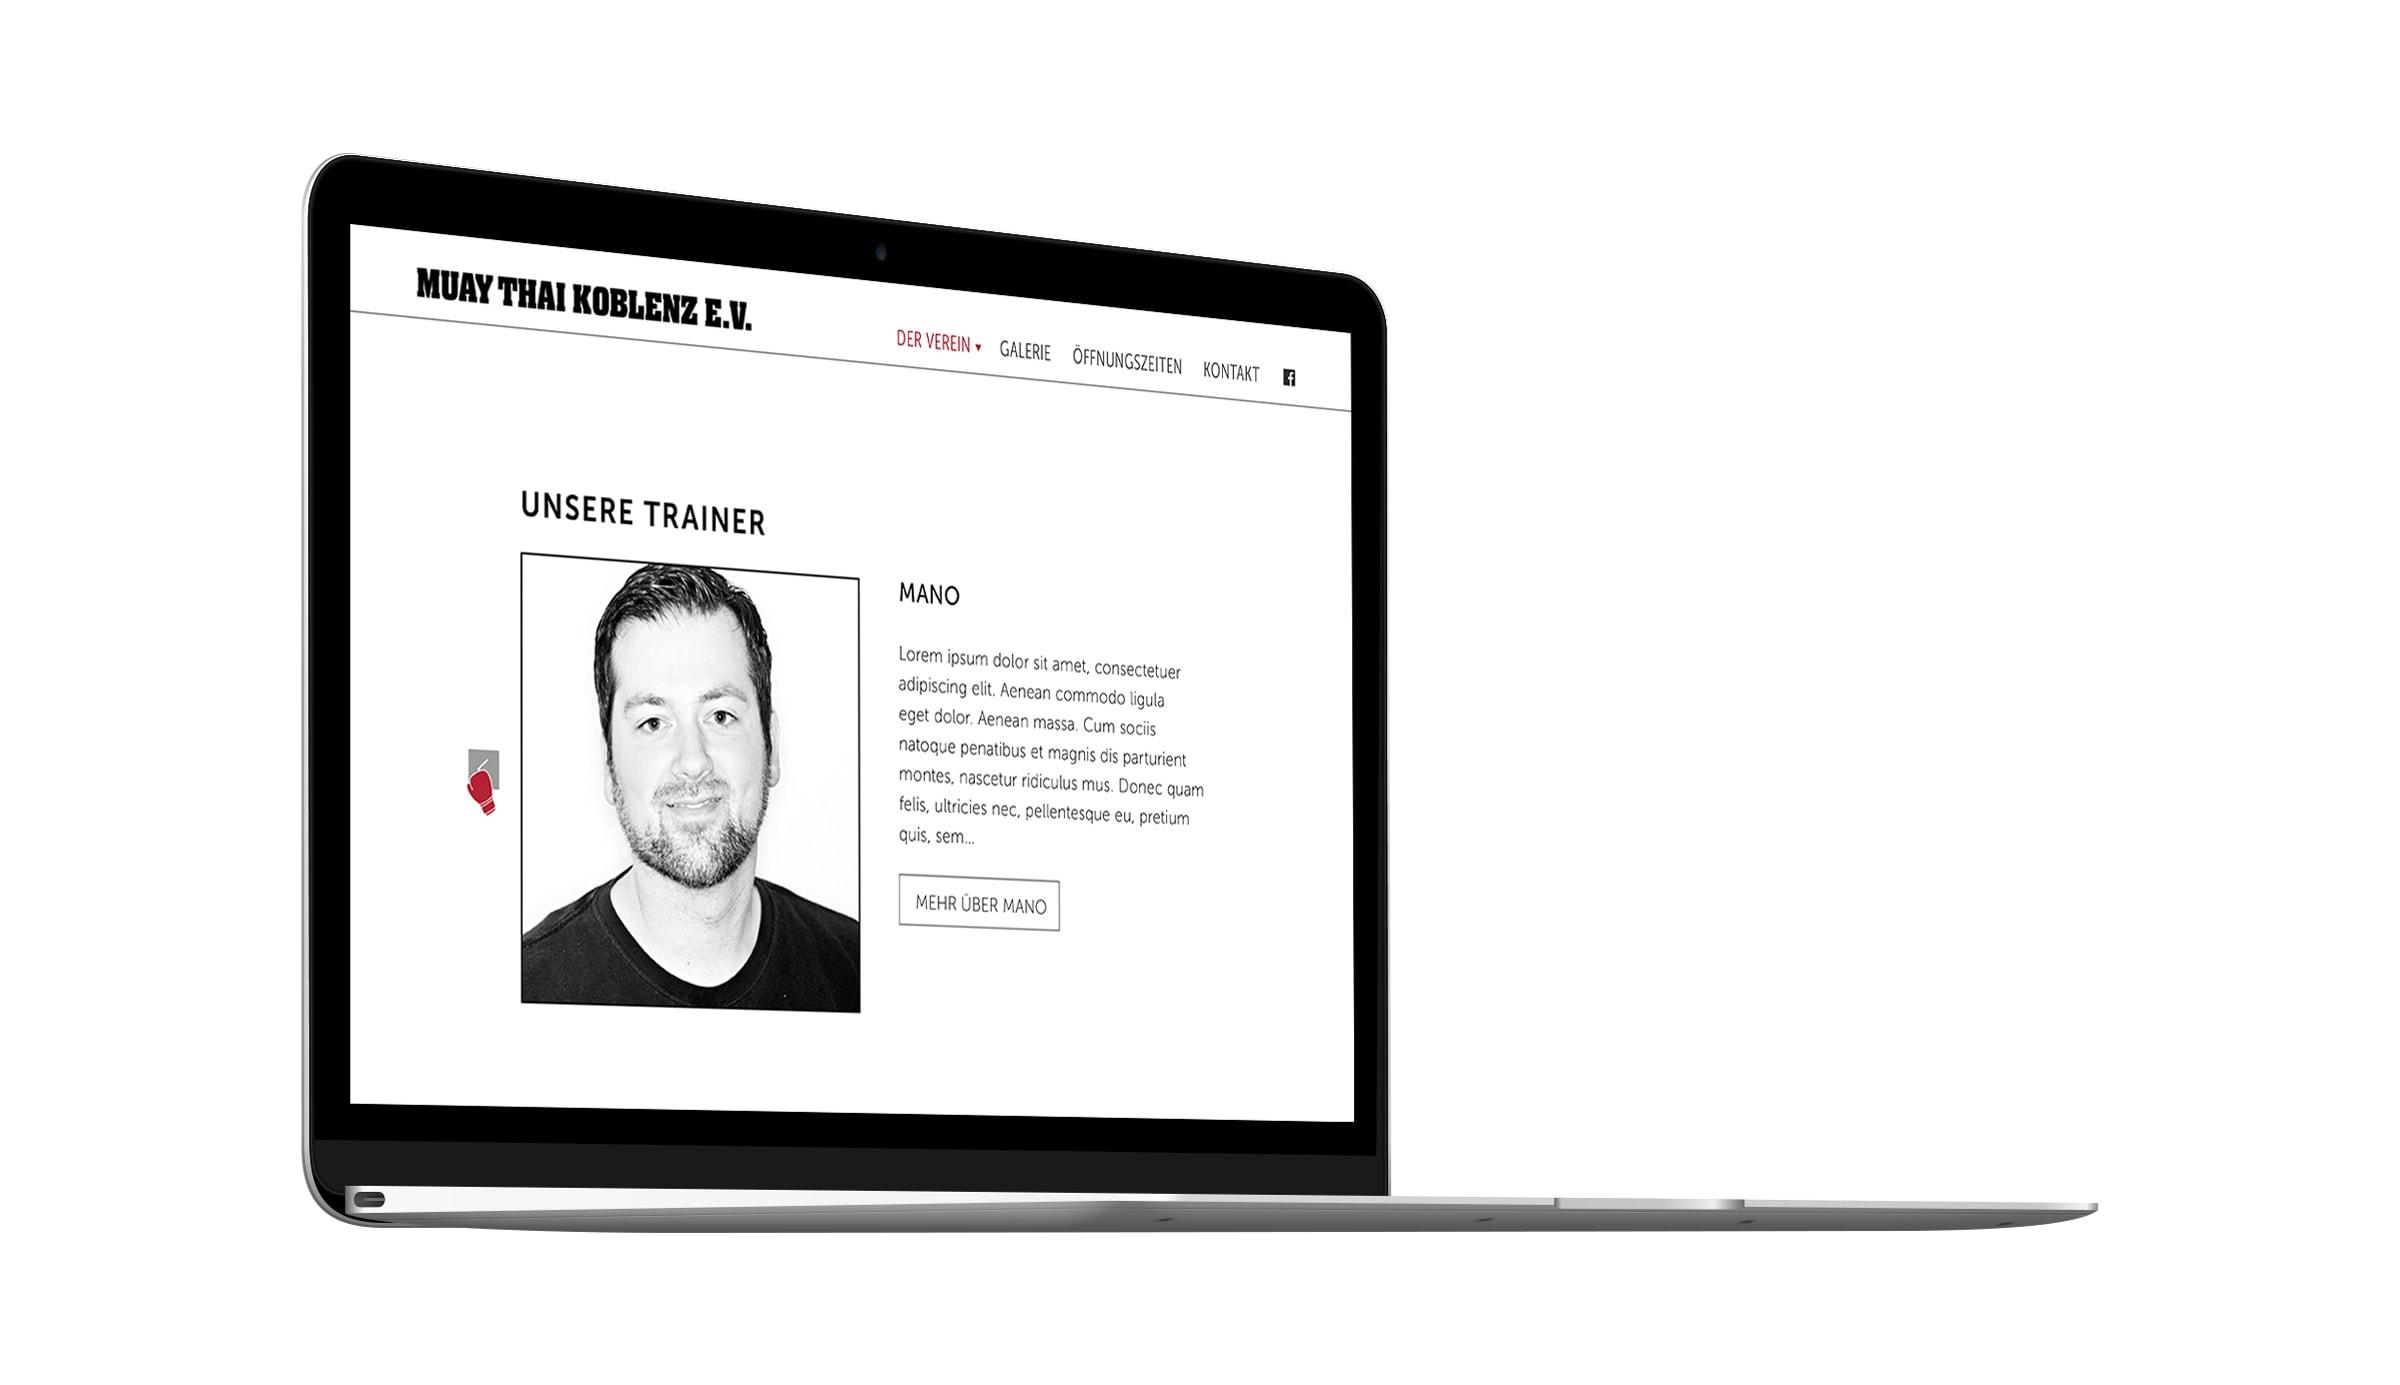 Webdesign für Muay Thai Koblenz entwickelt durch die Werbeagentur mieker - Konzept Design Strategie. Screendesign der Seite, welche die Trainer vorstellt. Die Webseite zeigt sich benutzerfreundlich und zielgruppenorientiert. Regionen: Koblenz, Trier, Hermeskeil